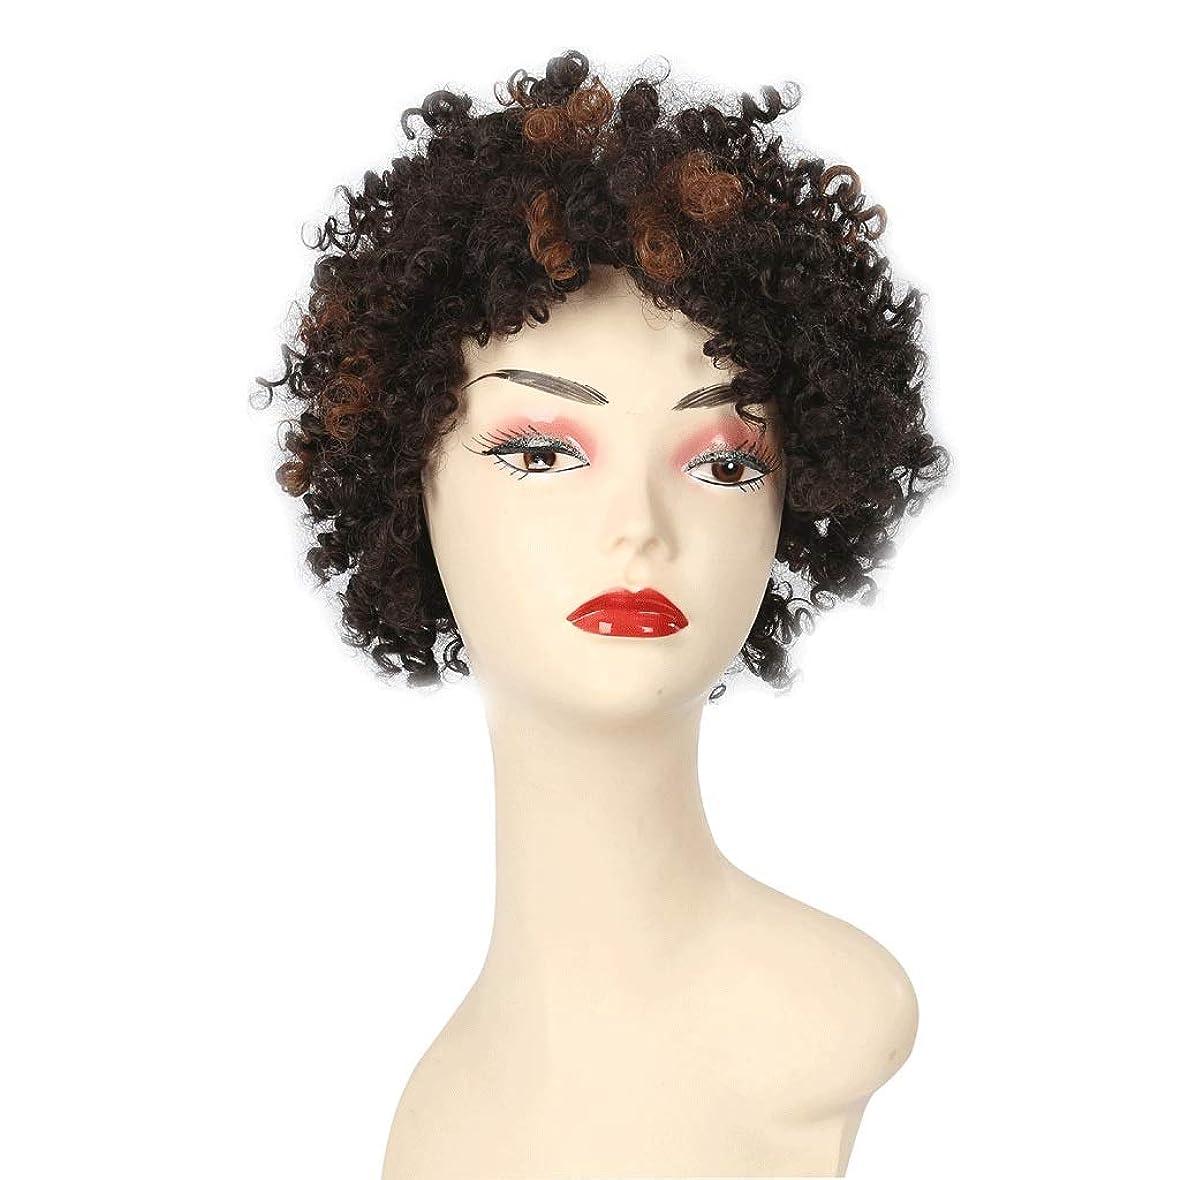 振幅うつスパン黒人女性のためのアフロの短い巻き毛のかつら、女性のための自然な一見ファンシードレス&コスプレパーティー (Color : B)